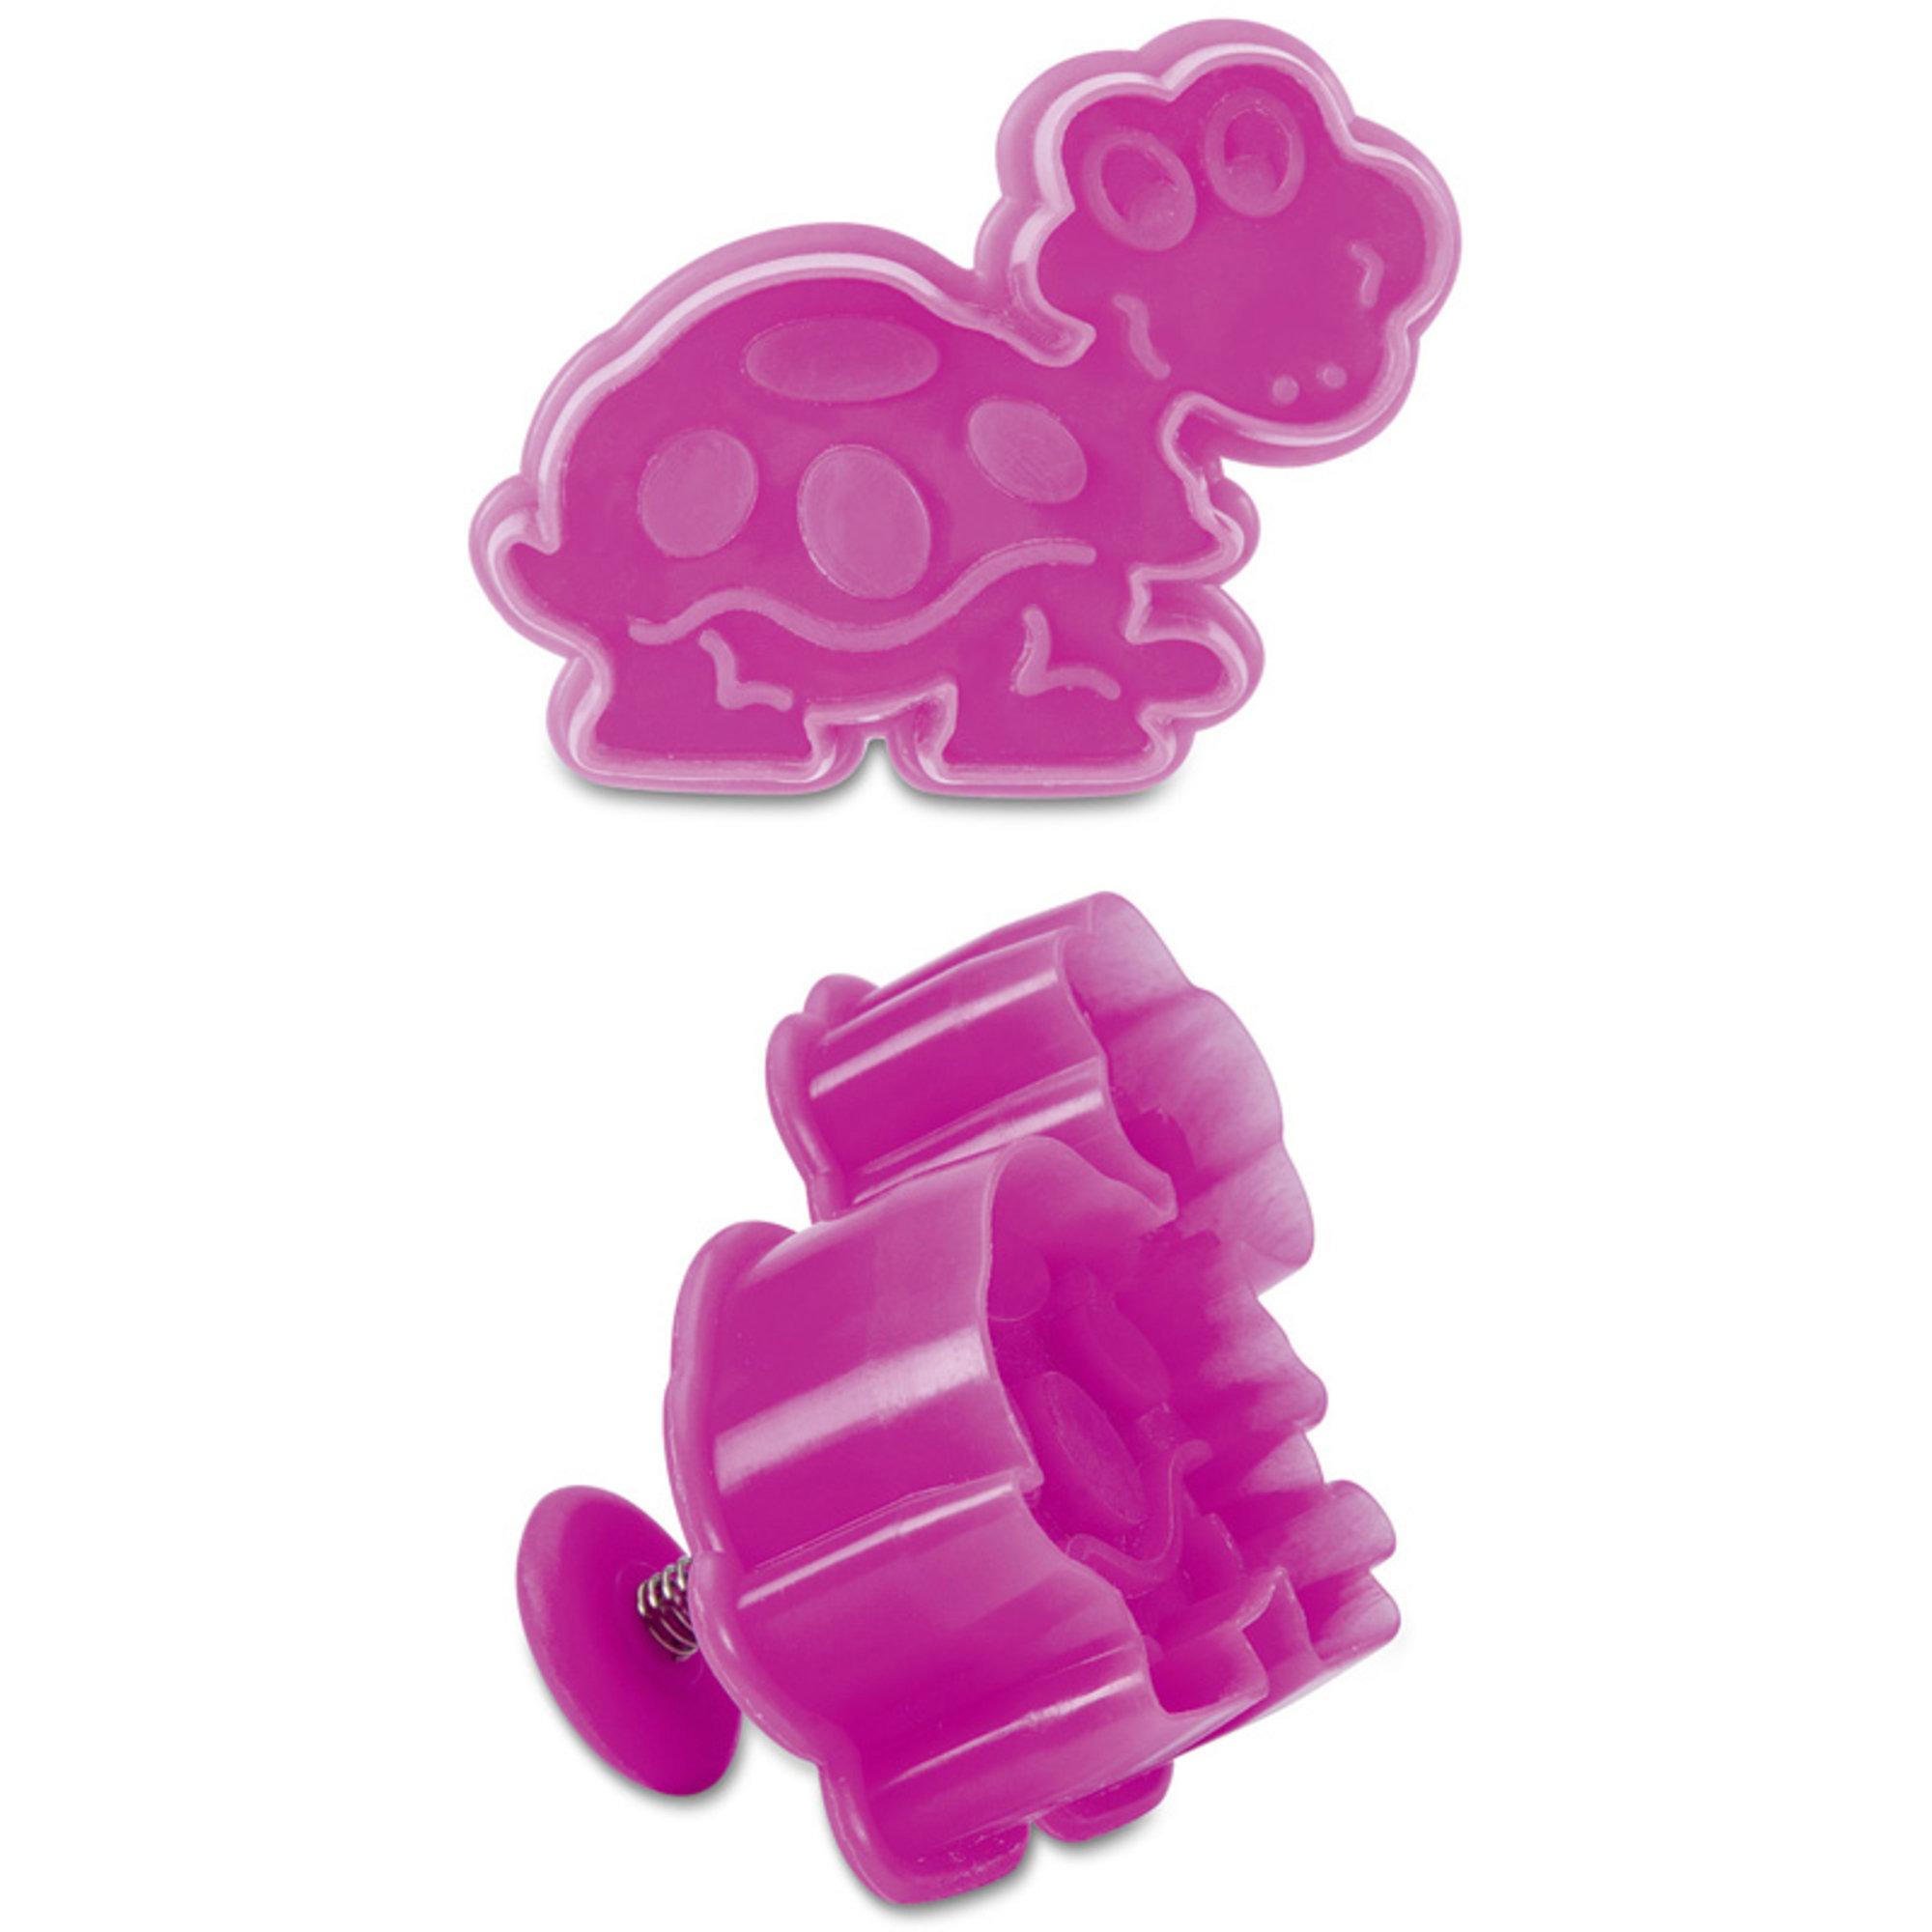 Städter Figurstans Sköldpadda